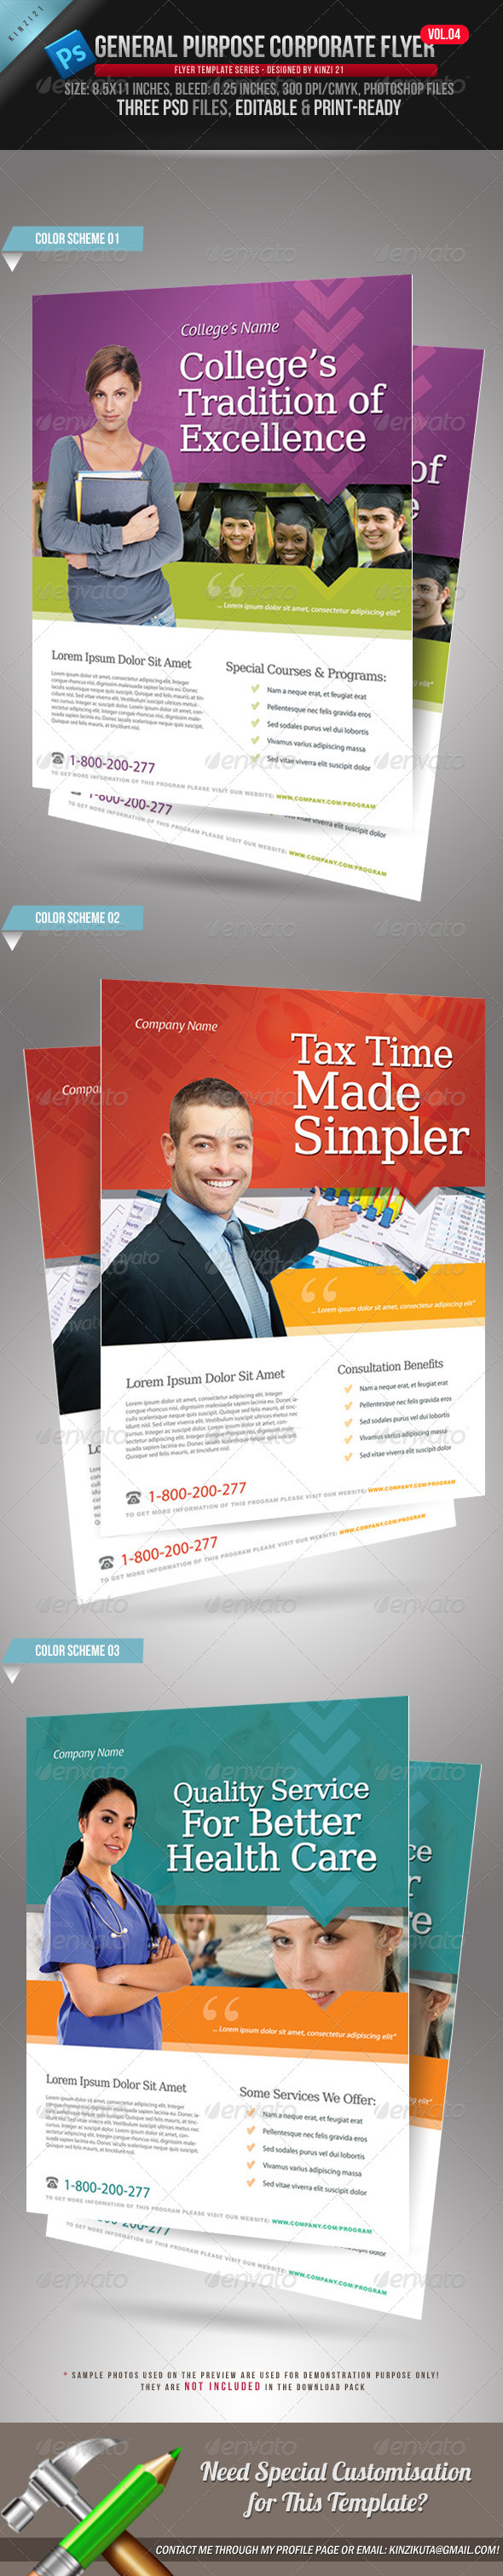 GraphicRiver General Purpose Corporate Flyer Vol 04 1846739